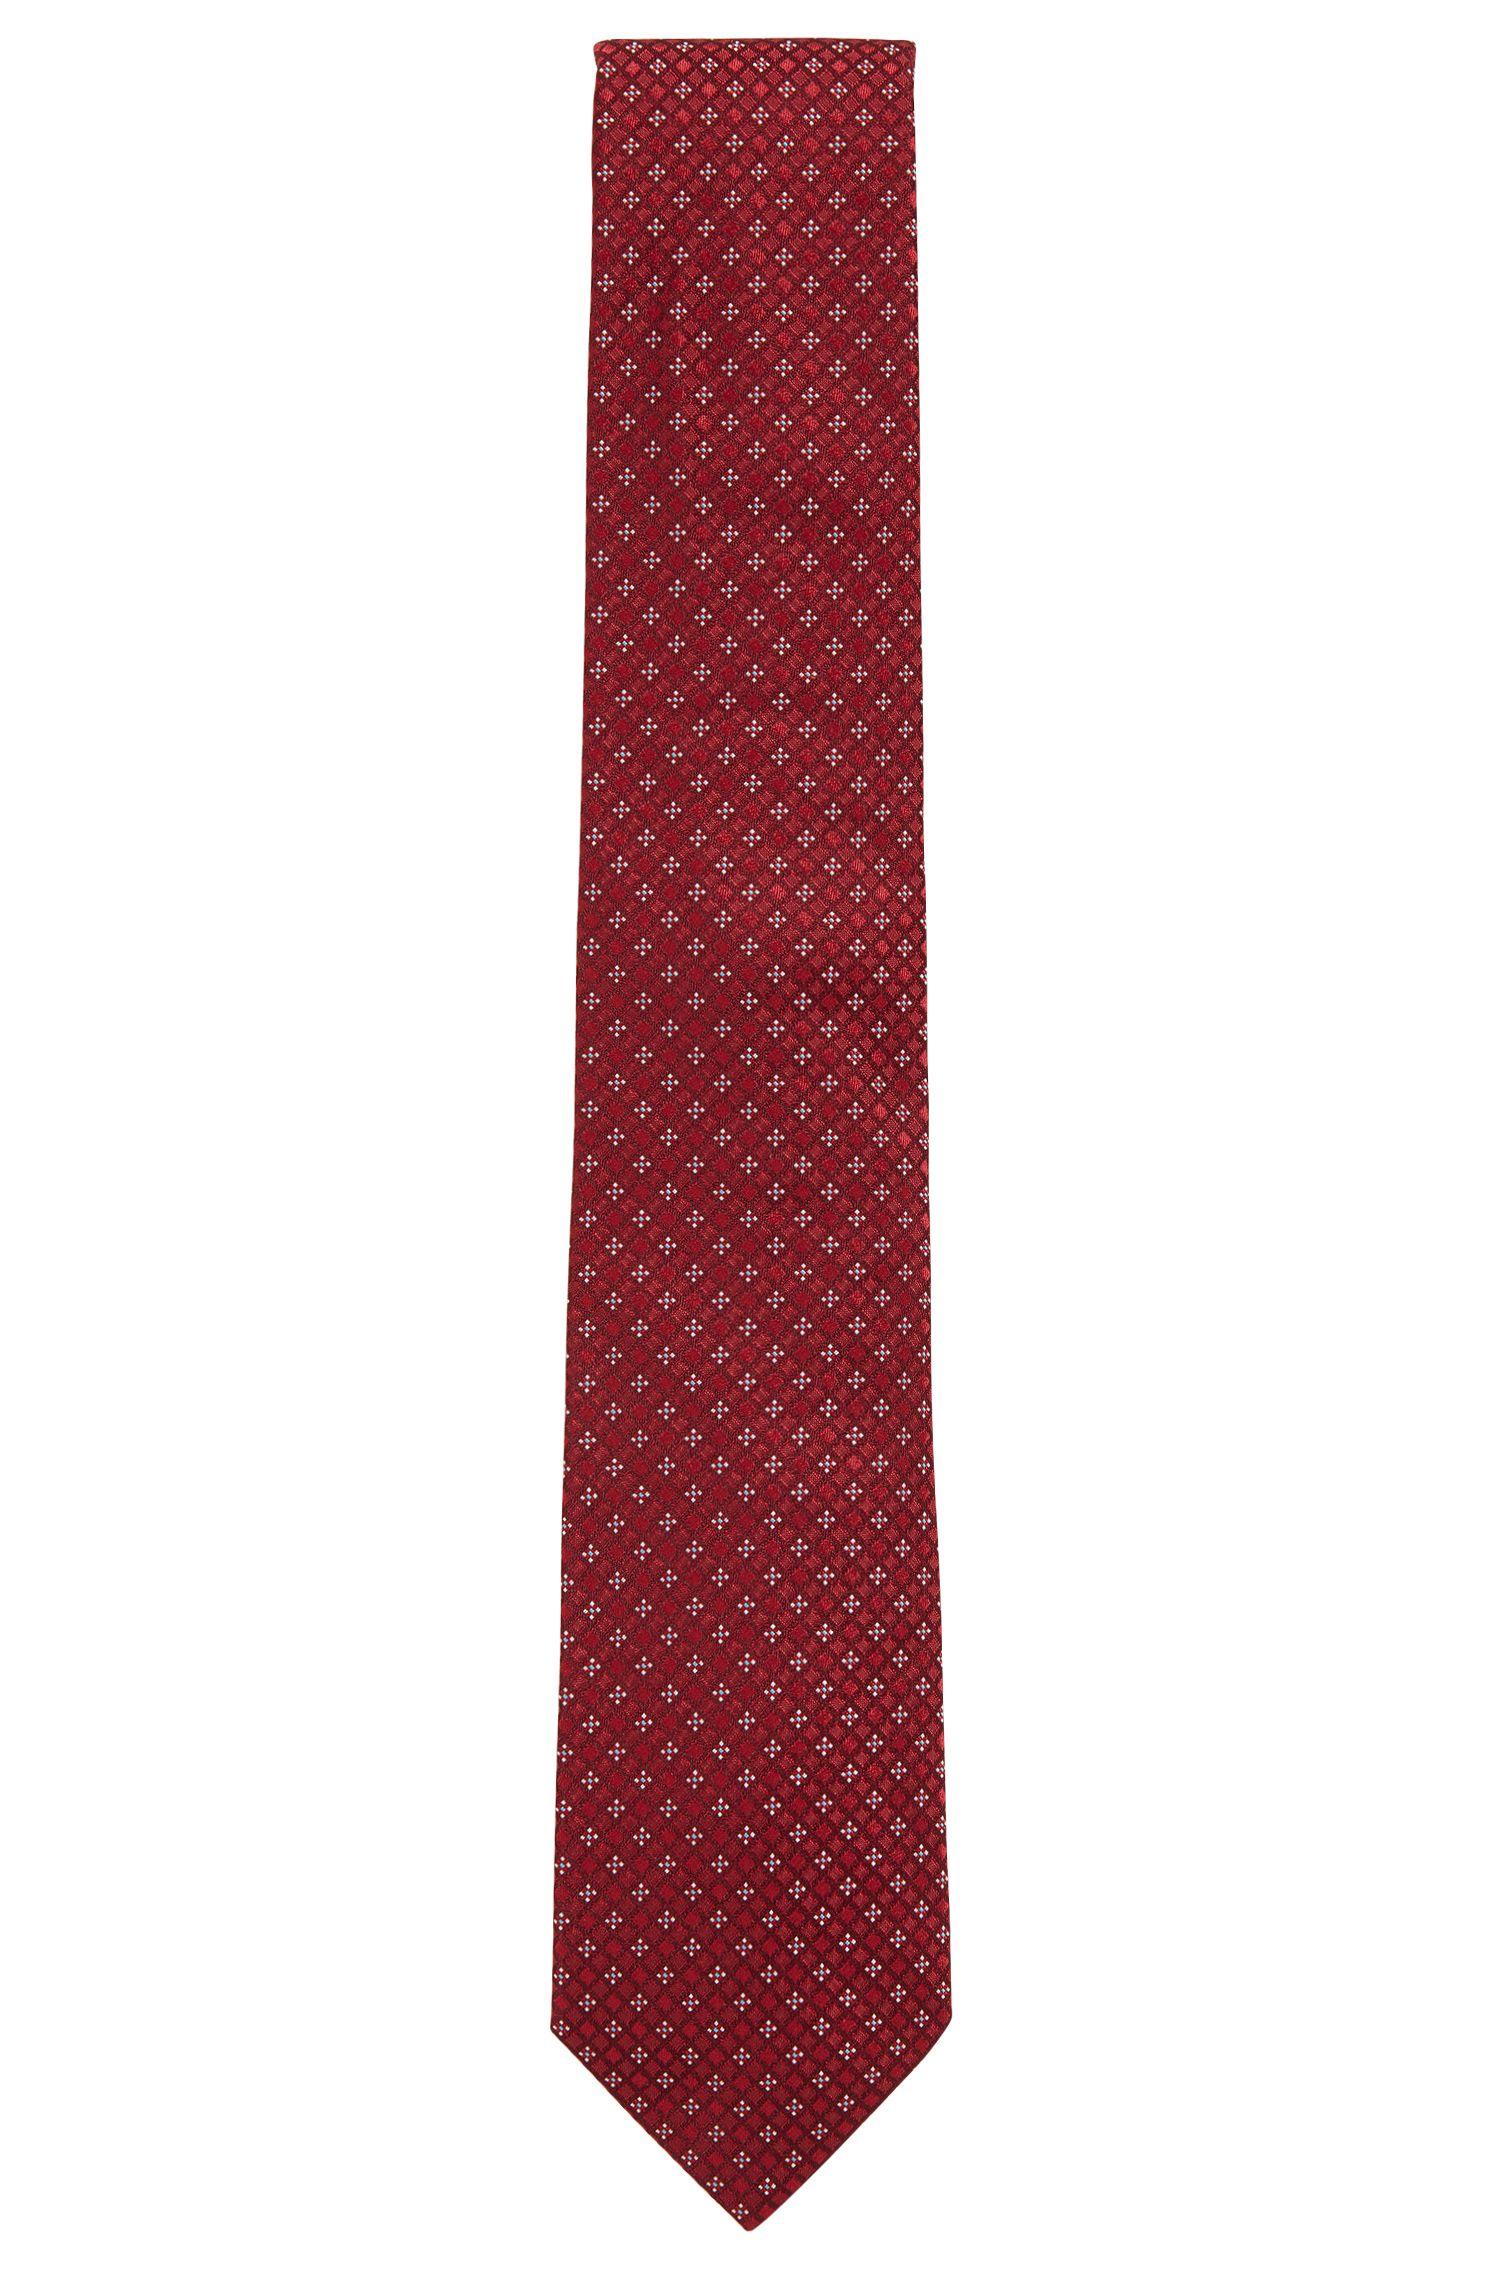 Cravate jacquard en soie à micro-motif